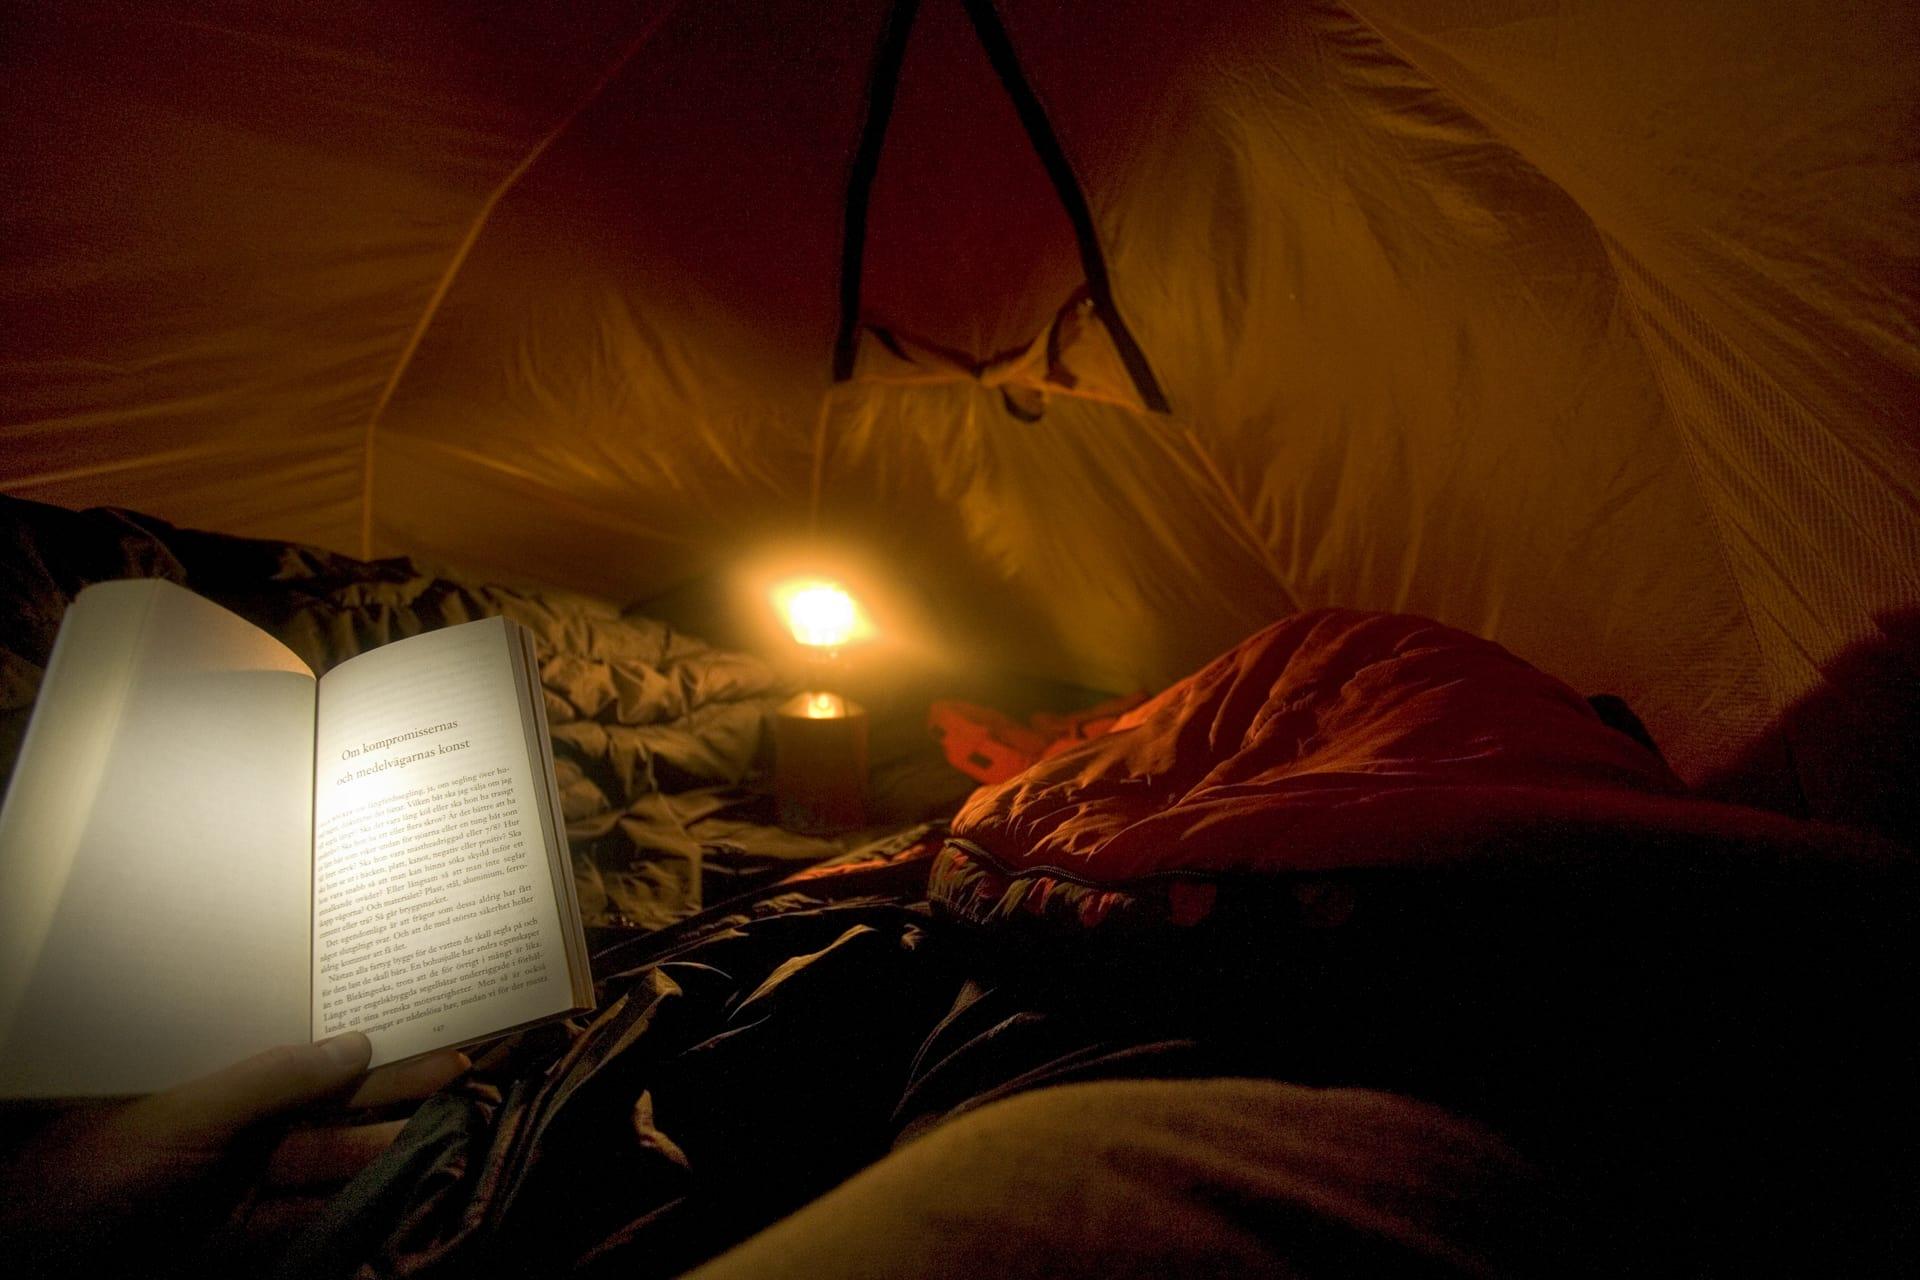 Ta med en bra bok. Det blir många timmar i tältet och värmen från gaslyktan driver ut fukten ur tältet.